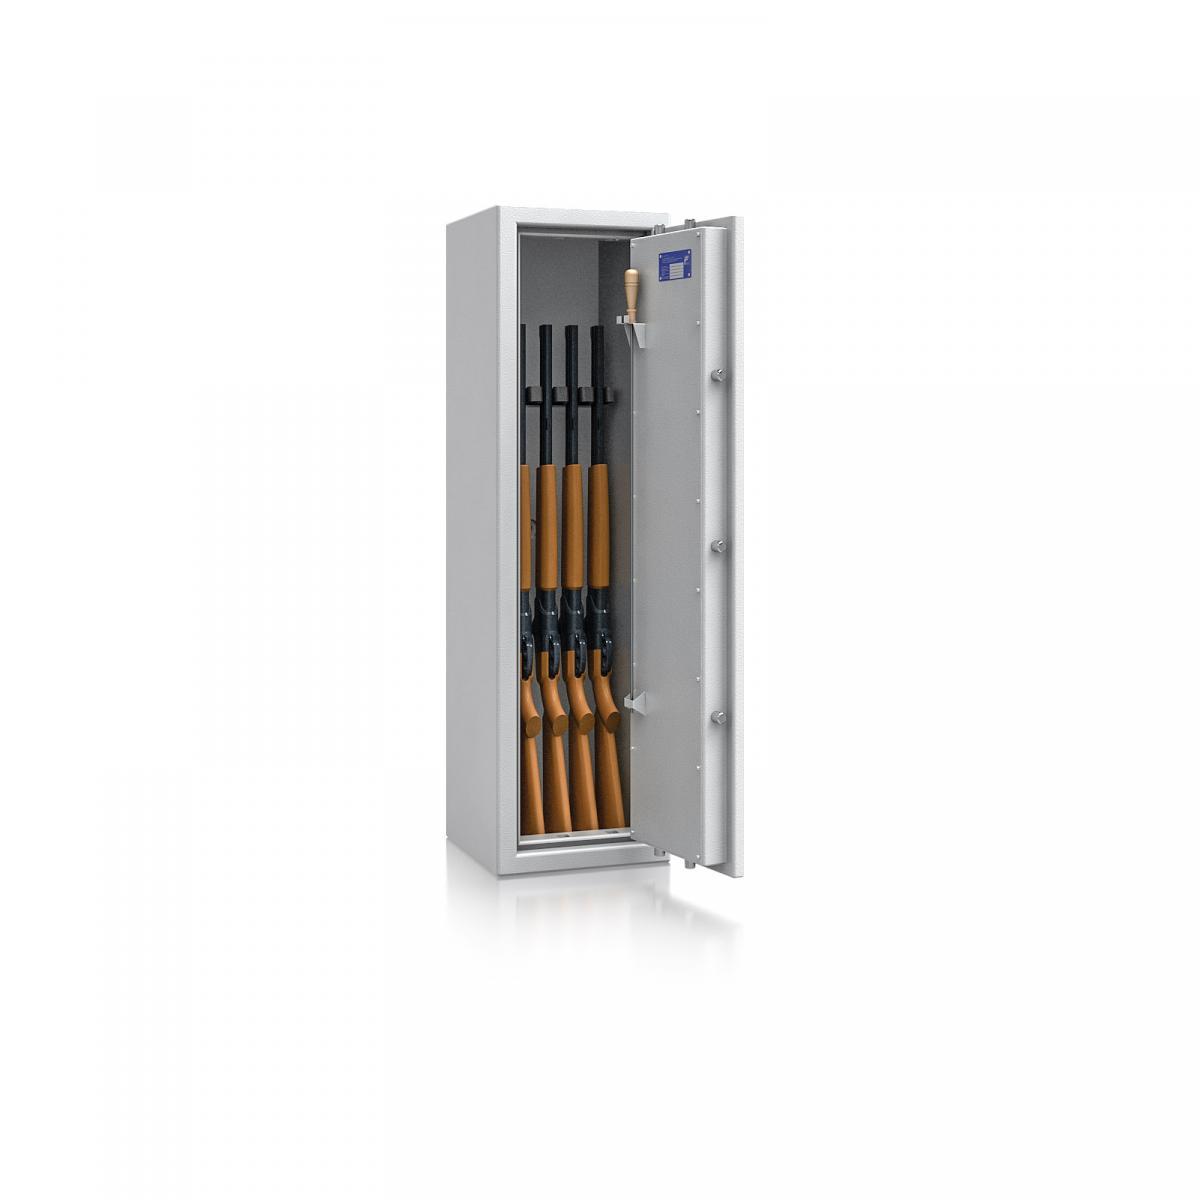 Waffenschrank St. Gallen WF NEW 1 - 1250x350x350 / 109kg 56470 / Klasse I / RAL7035 / Schlüssel / DIN R